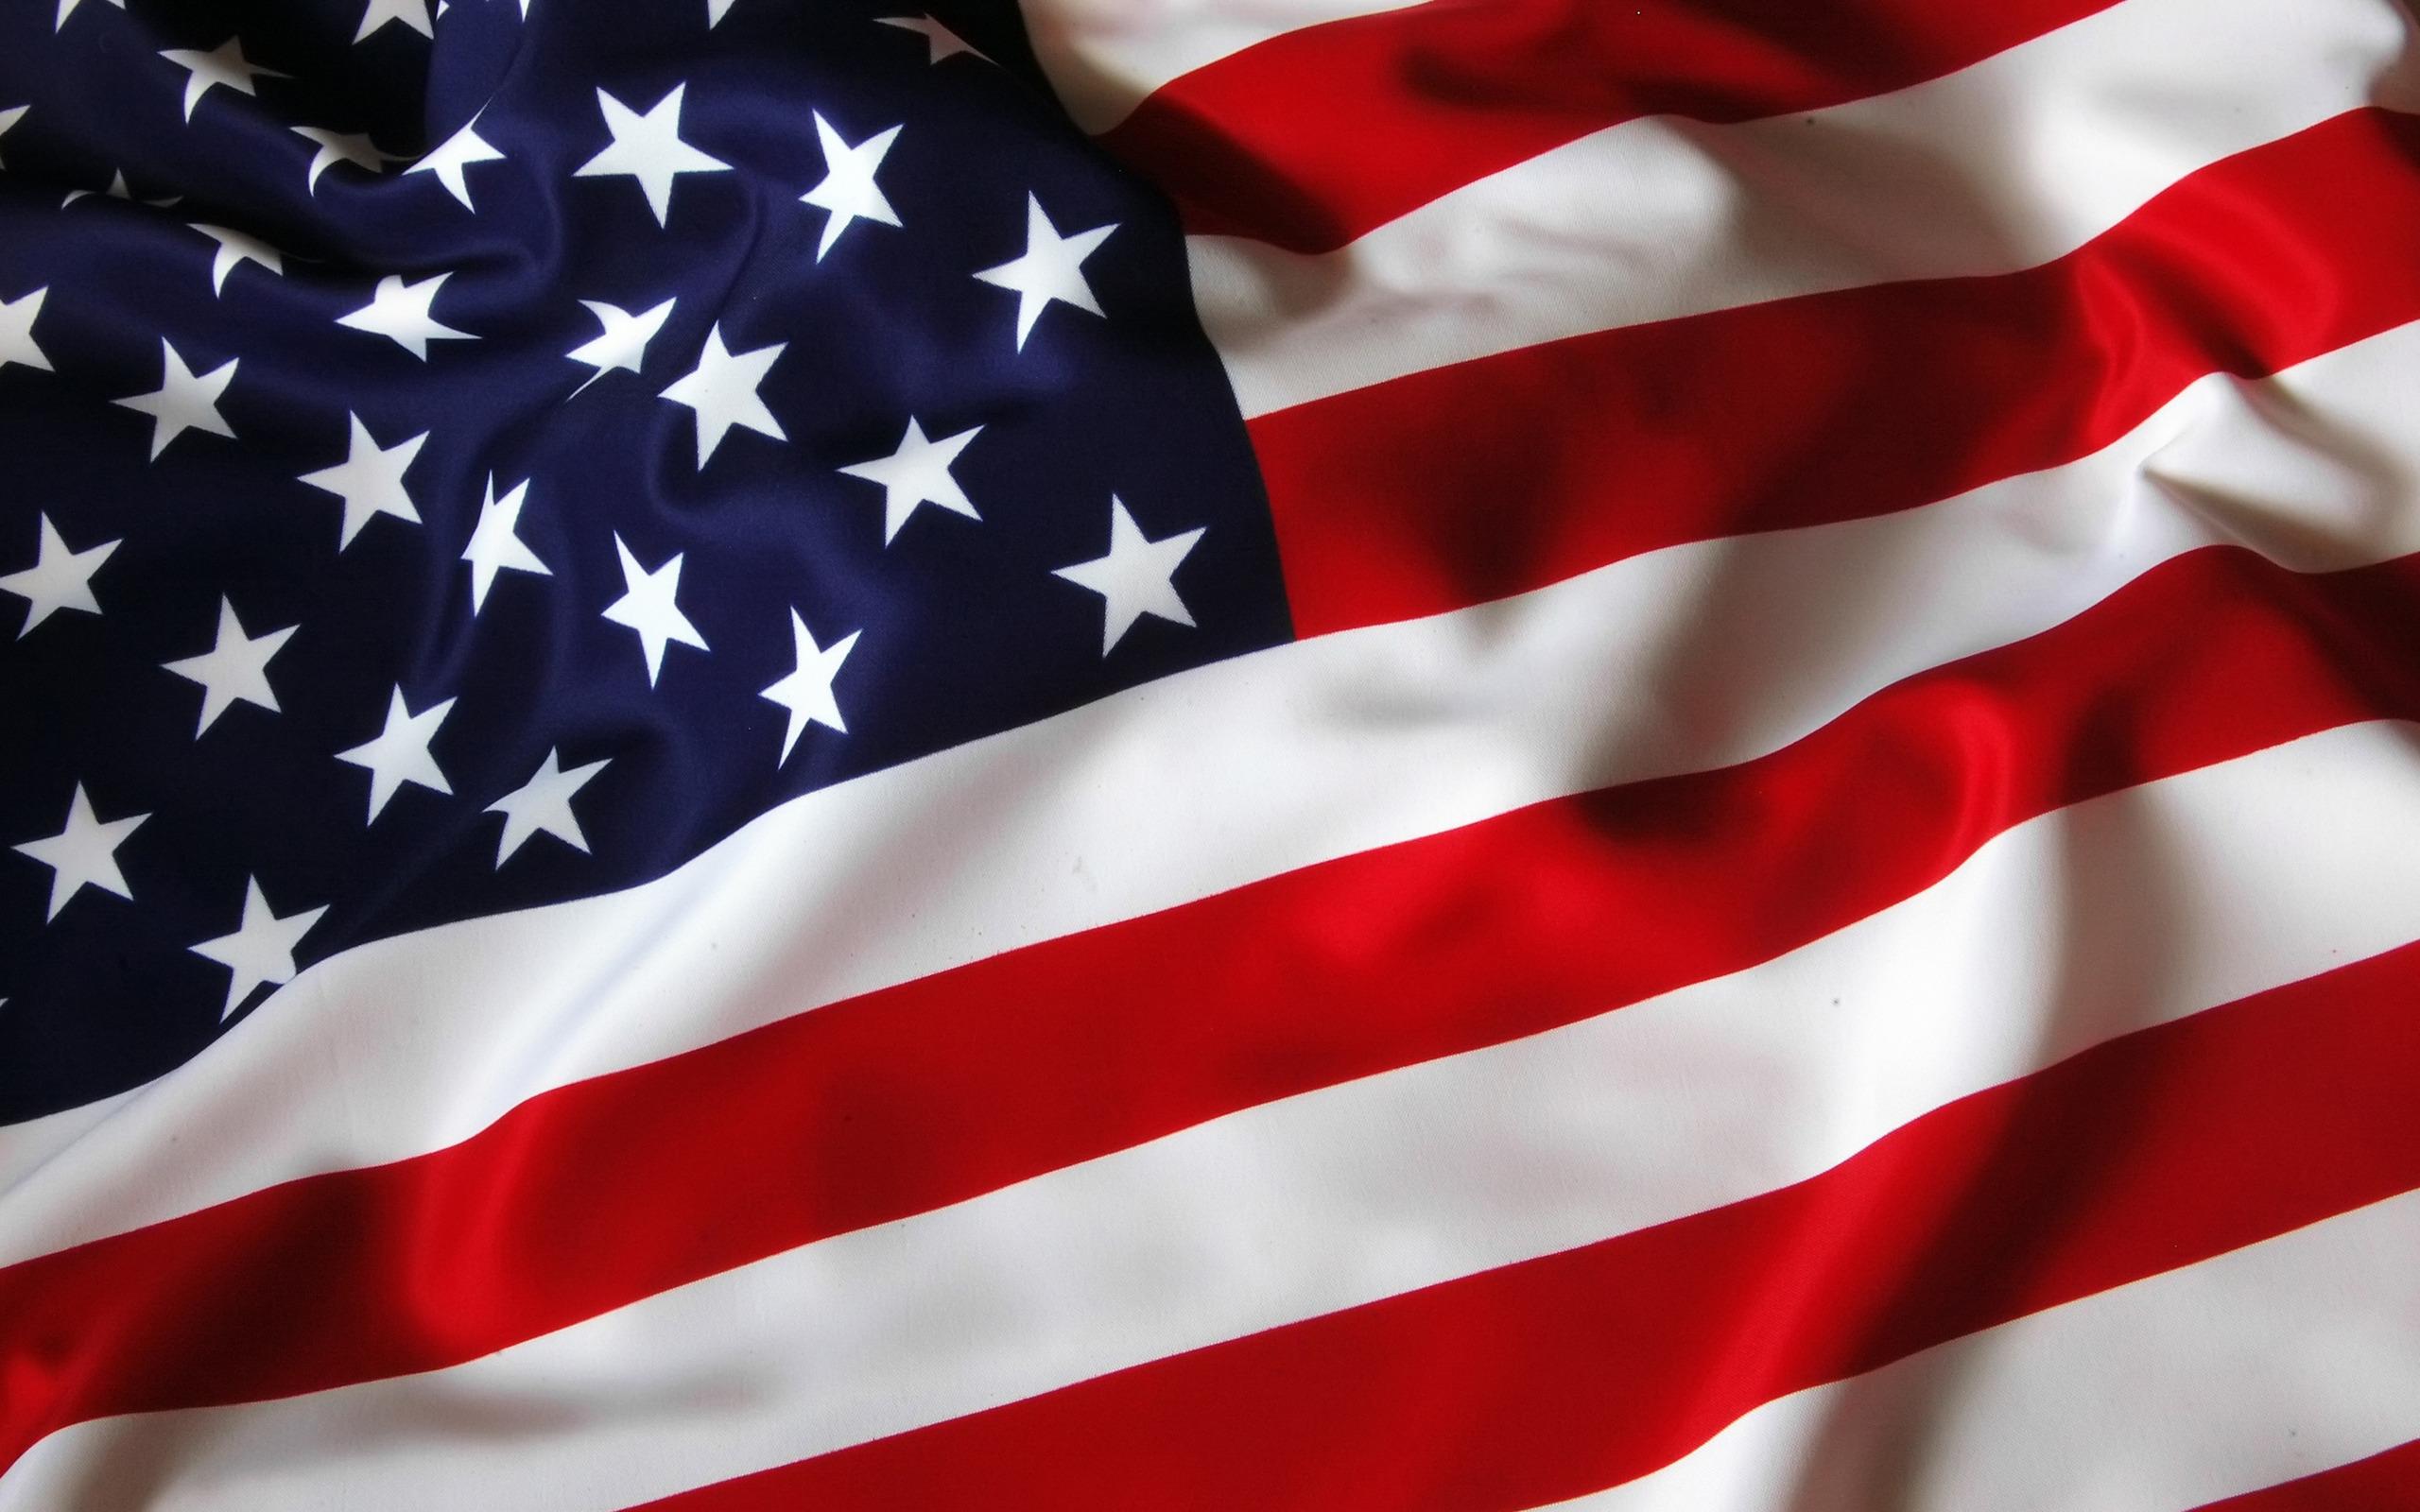 df8a072752146c404c4b_american_flag.jpg